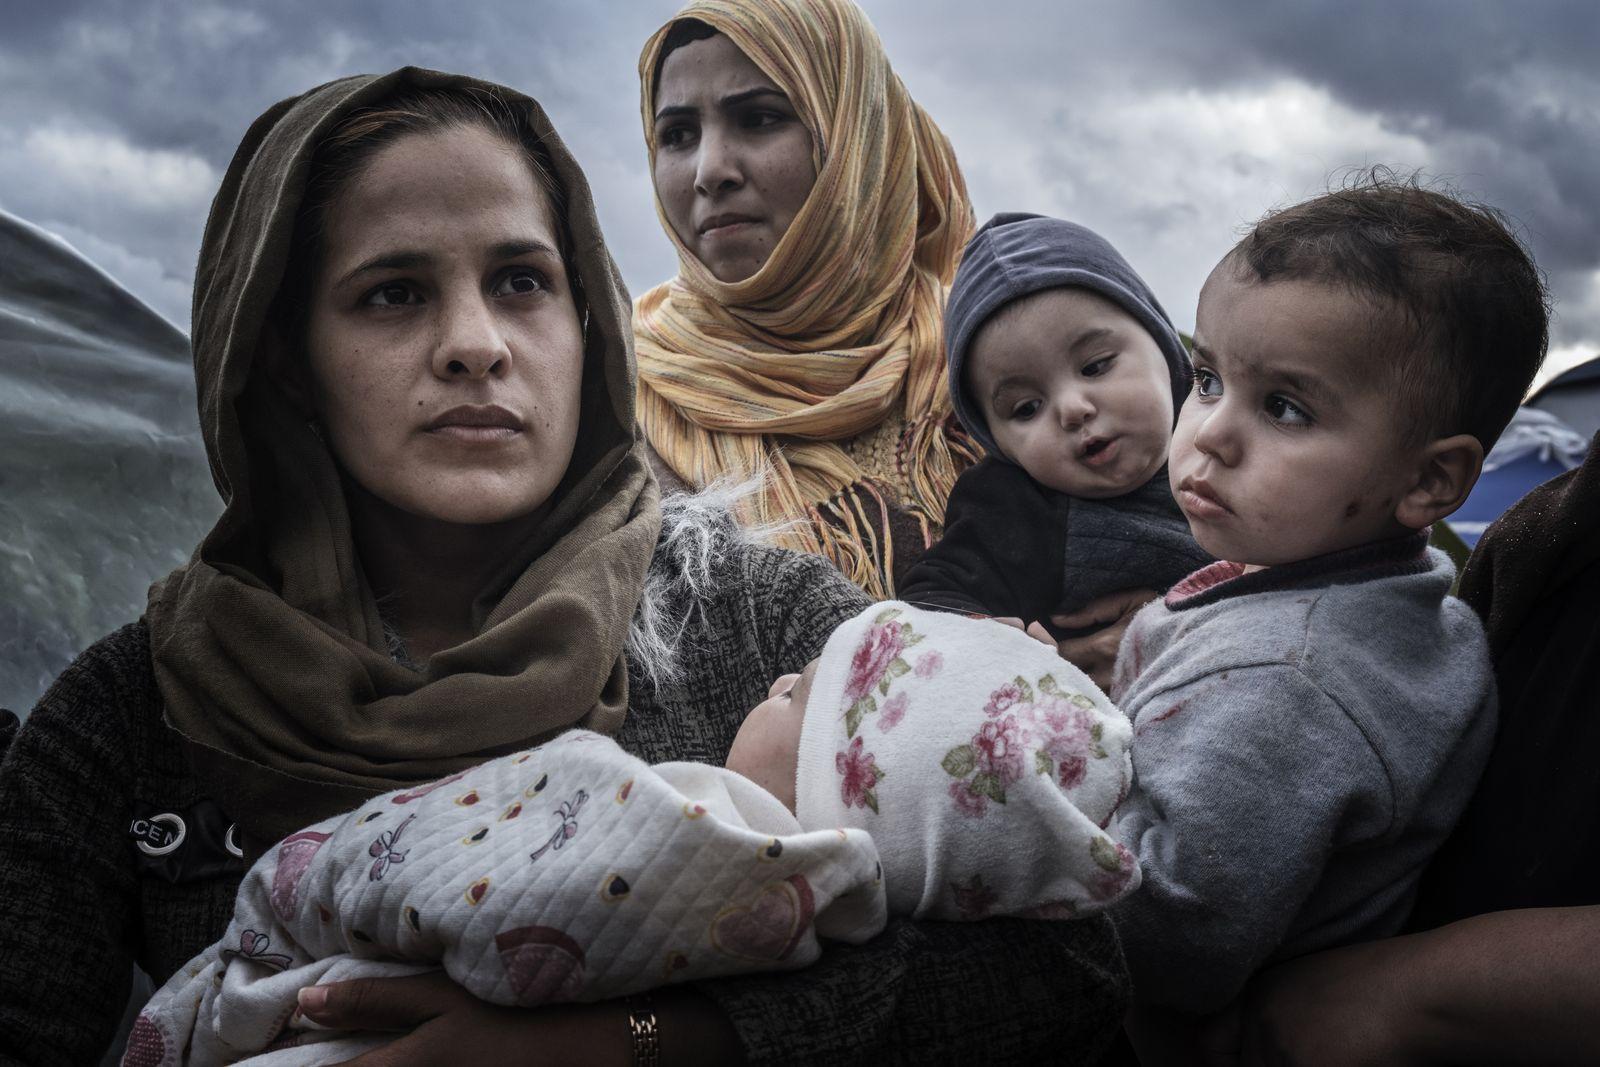 EINMALIGE VERWENDUNG SP 02/2020 S. 70 - Flüchtlinge auf der griechischen Insel Samos - Ausgeliefert - Migration